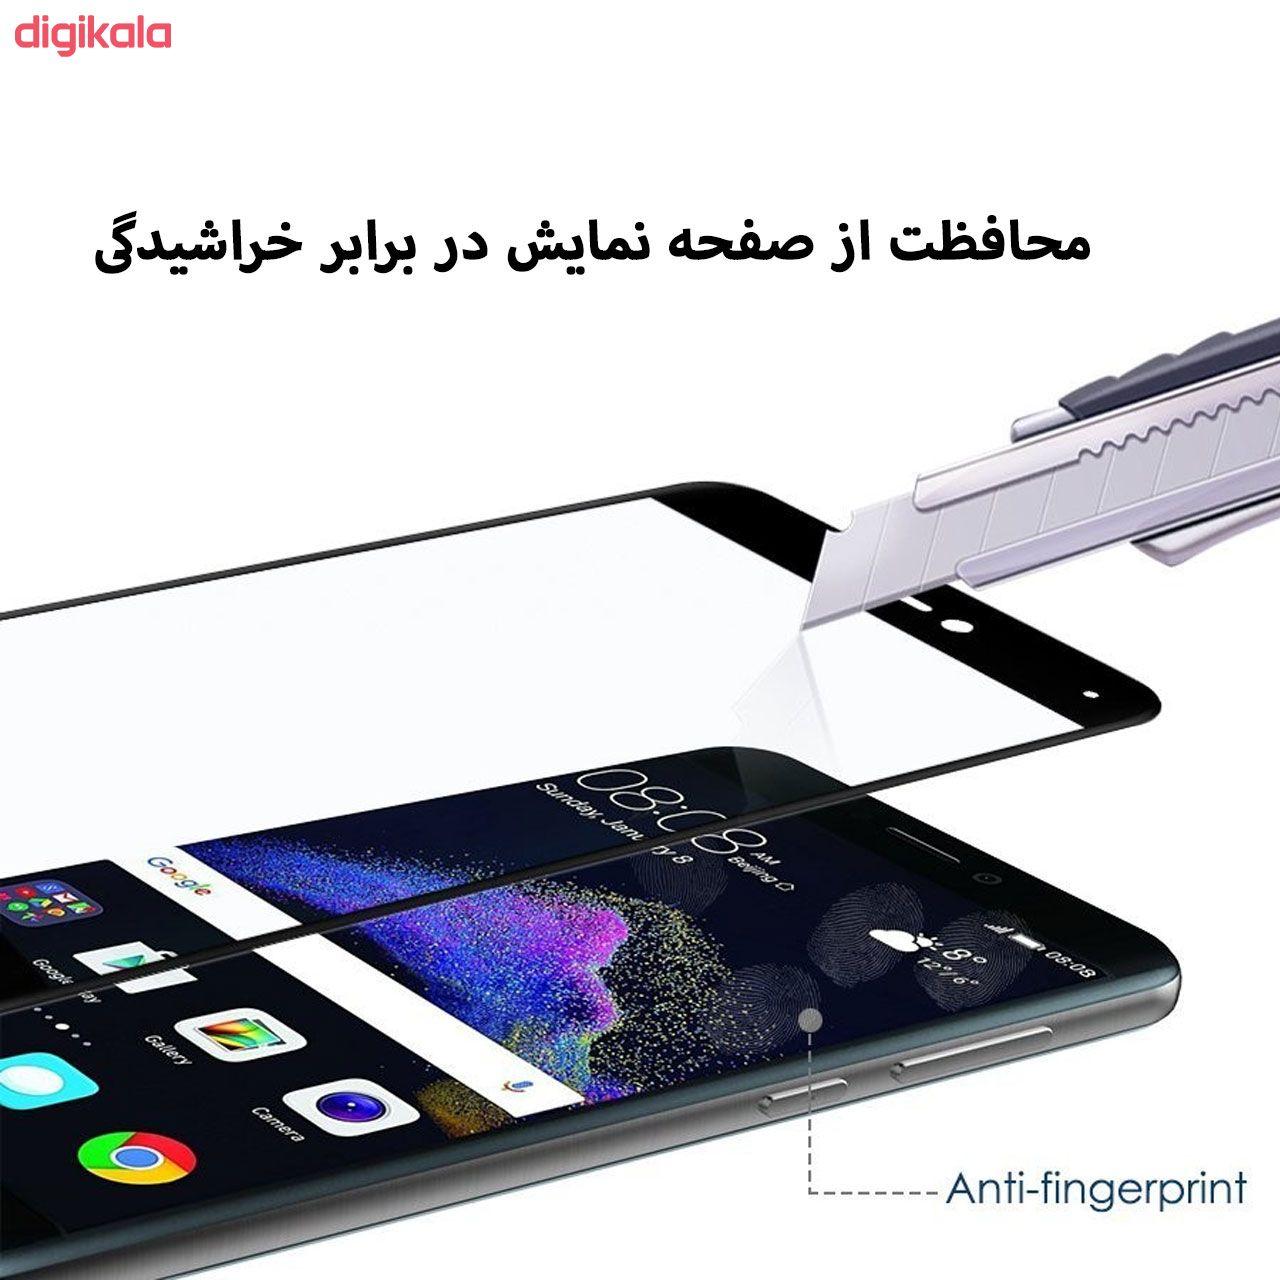 محافظ صفحه نمایش تراستکتور مدل GSS مناسب برای گوشی موبایل هوآوی P8 Lite 2017 / آنر 8Lite main 1 4